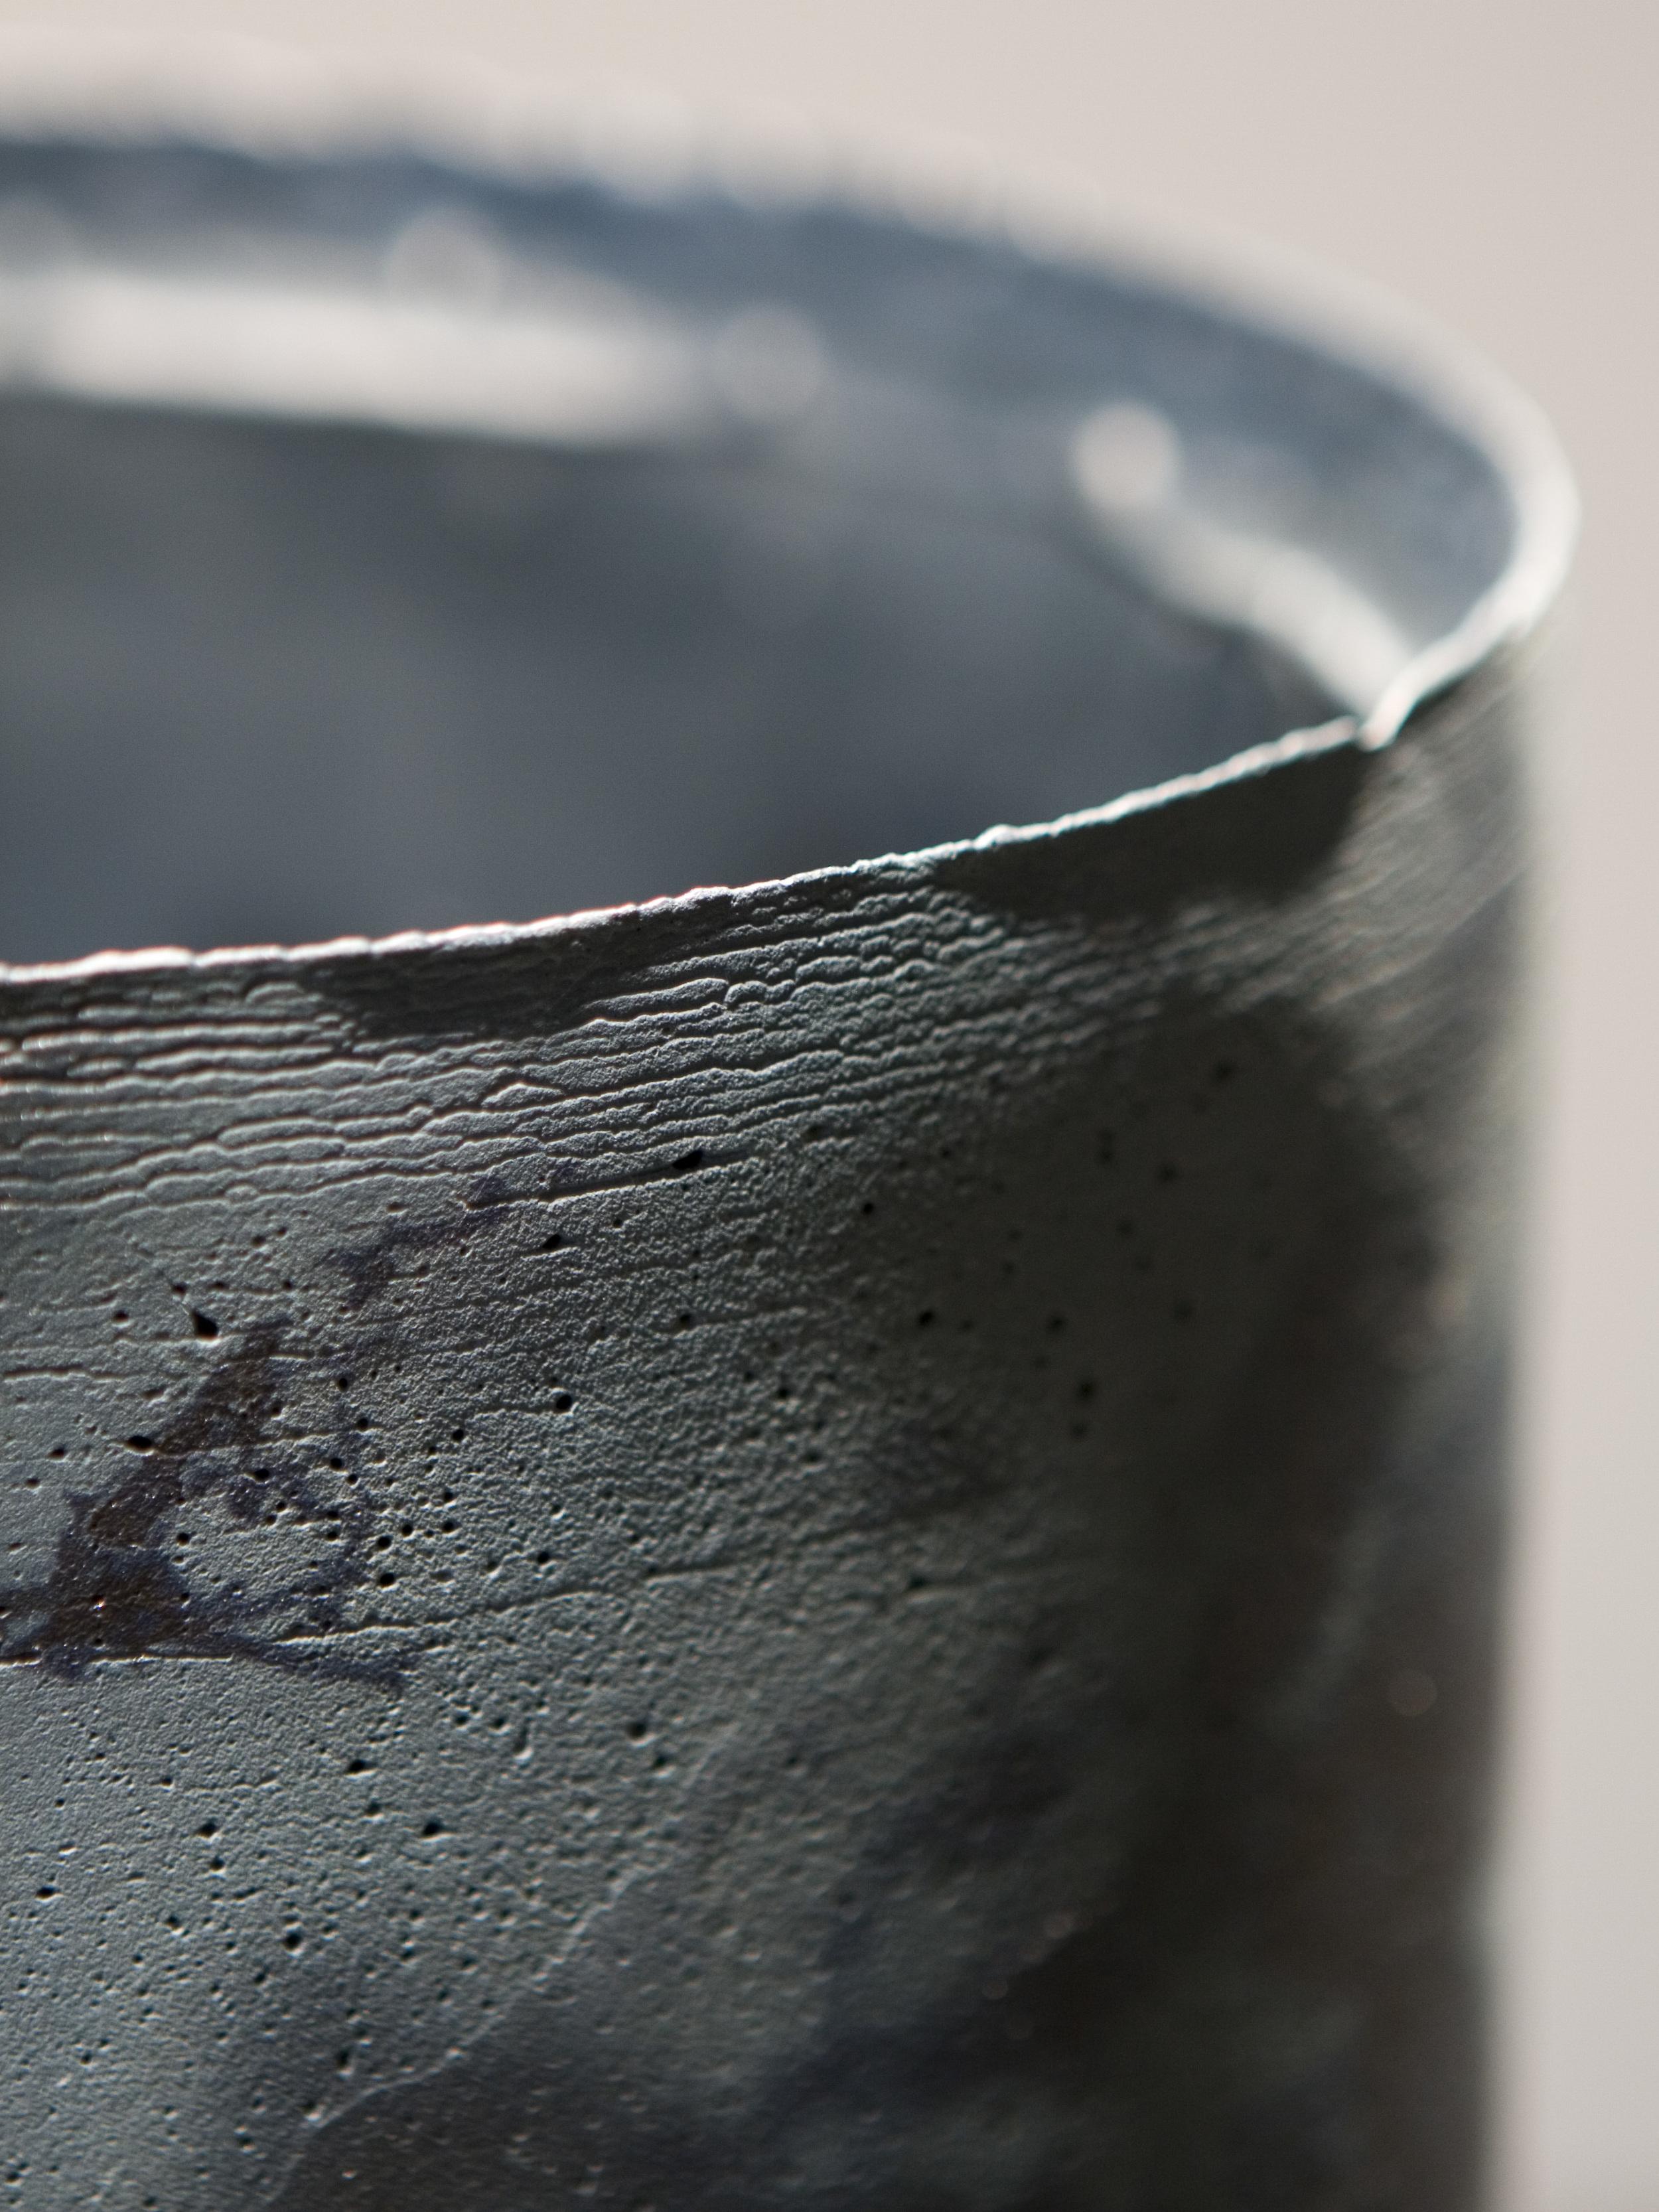 Lunate   cast porcelain, ceramic decals